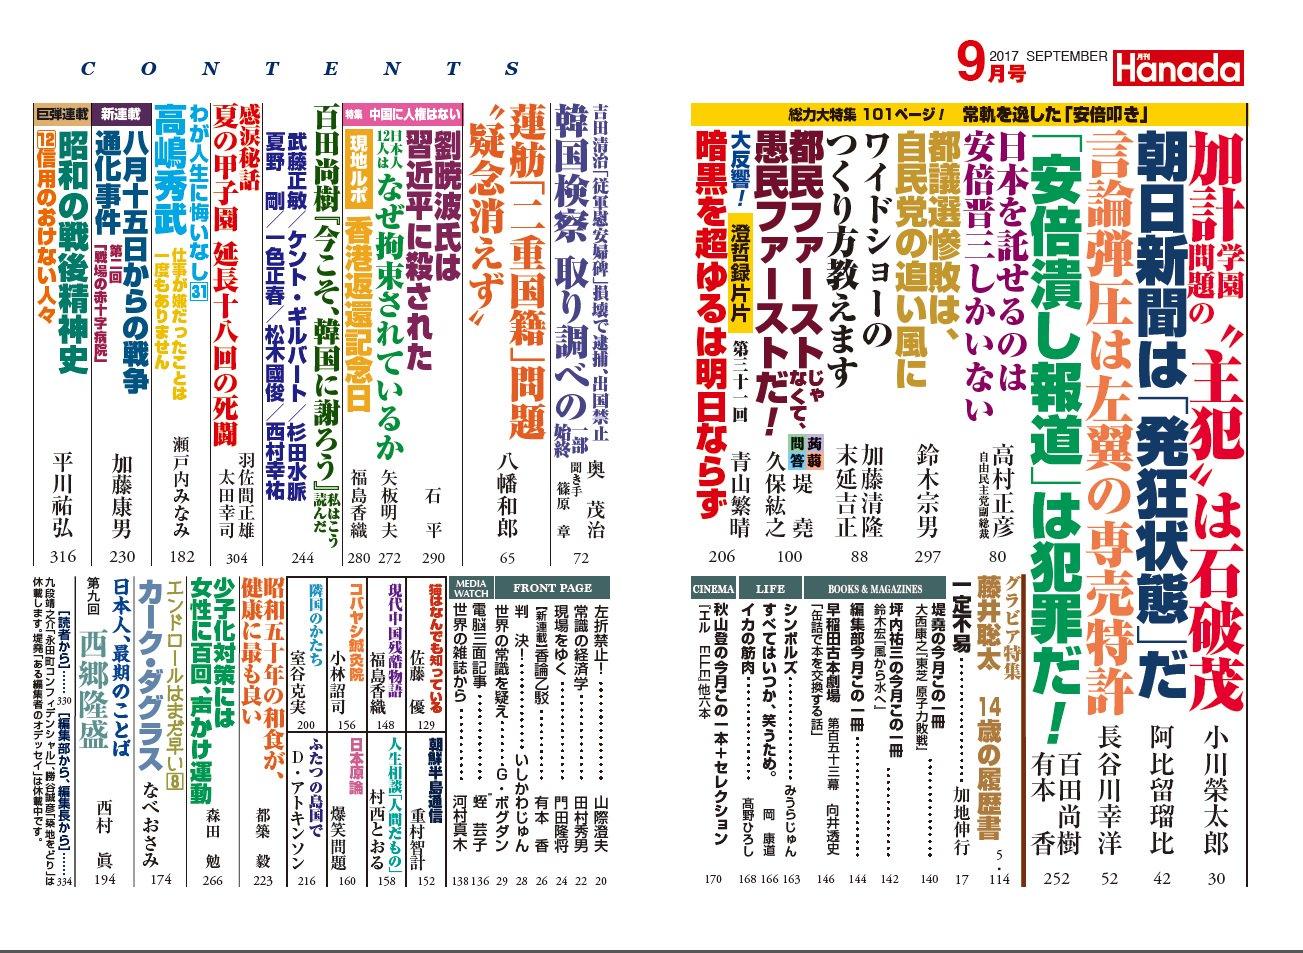 月刊Hanada2017年9月焦熱号 目次